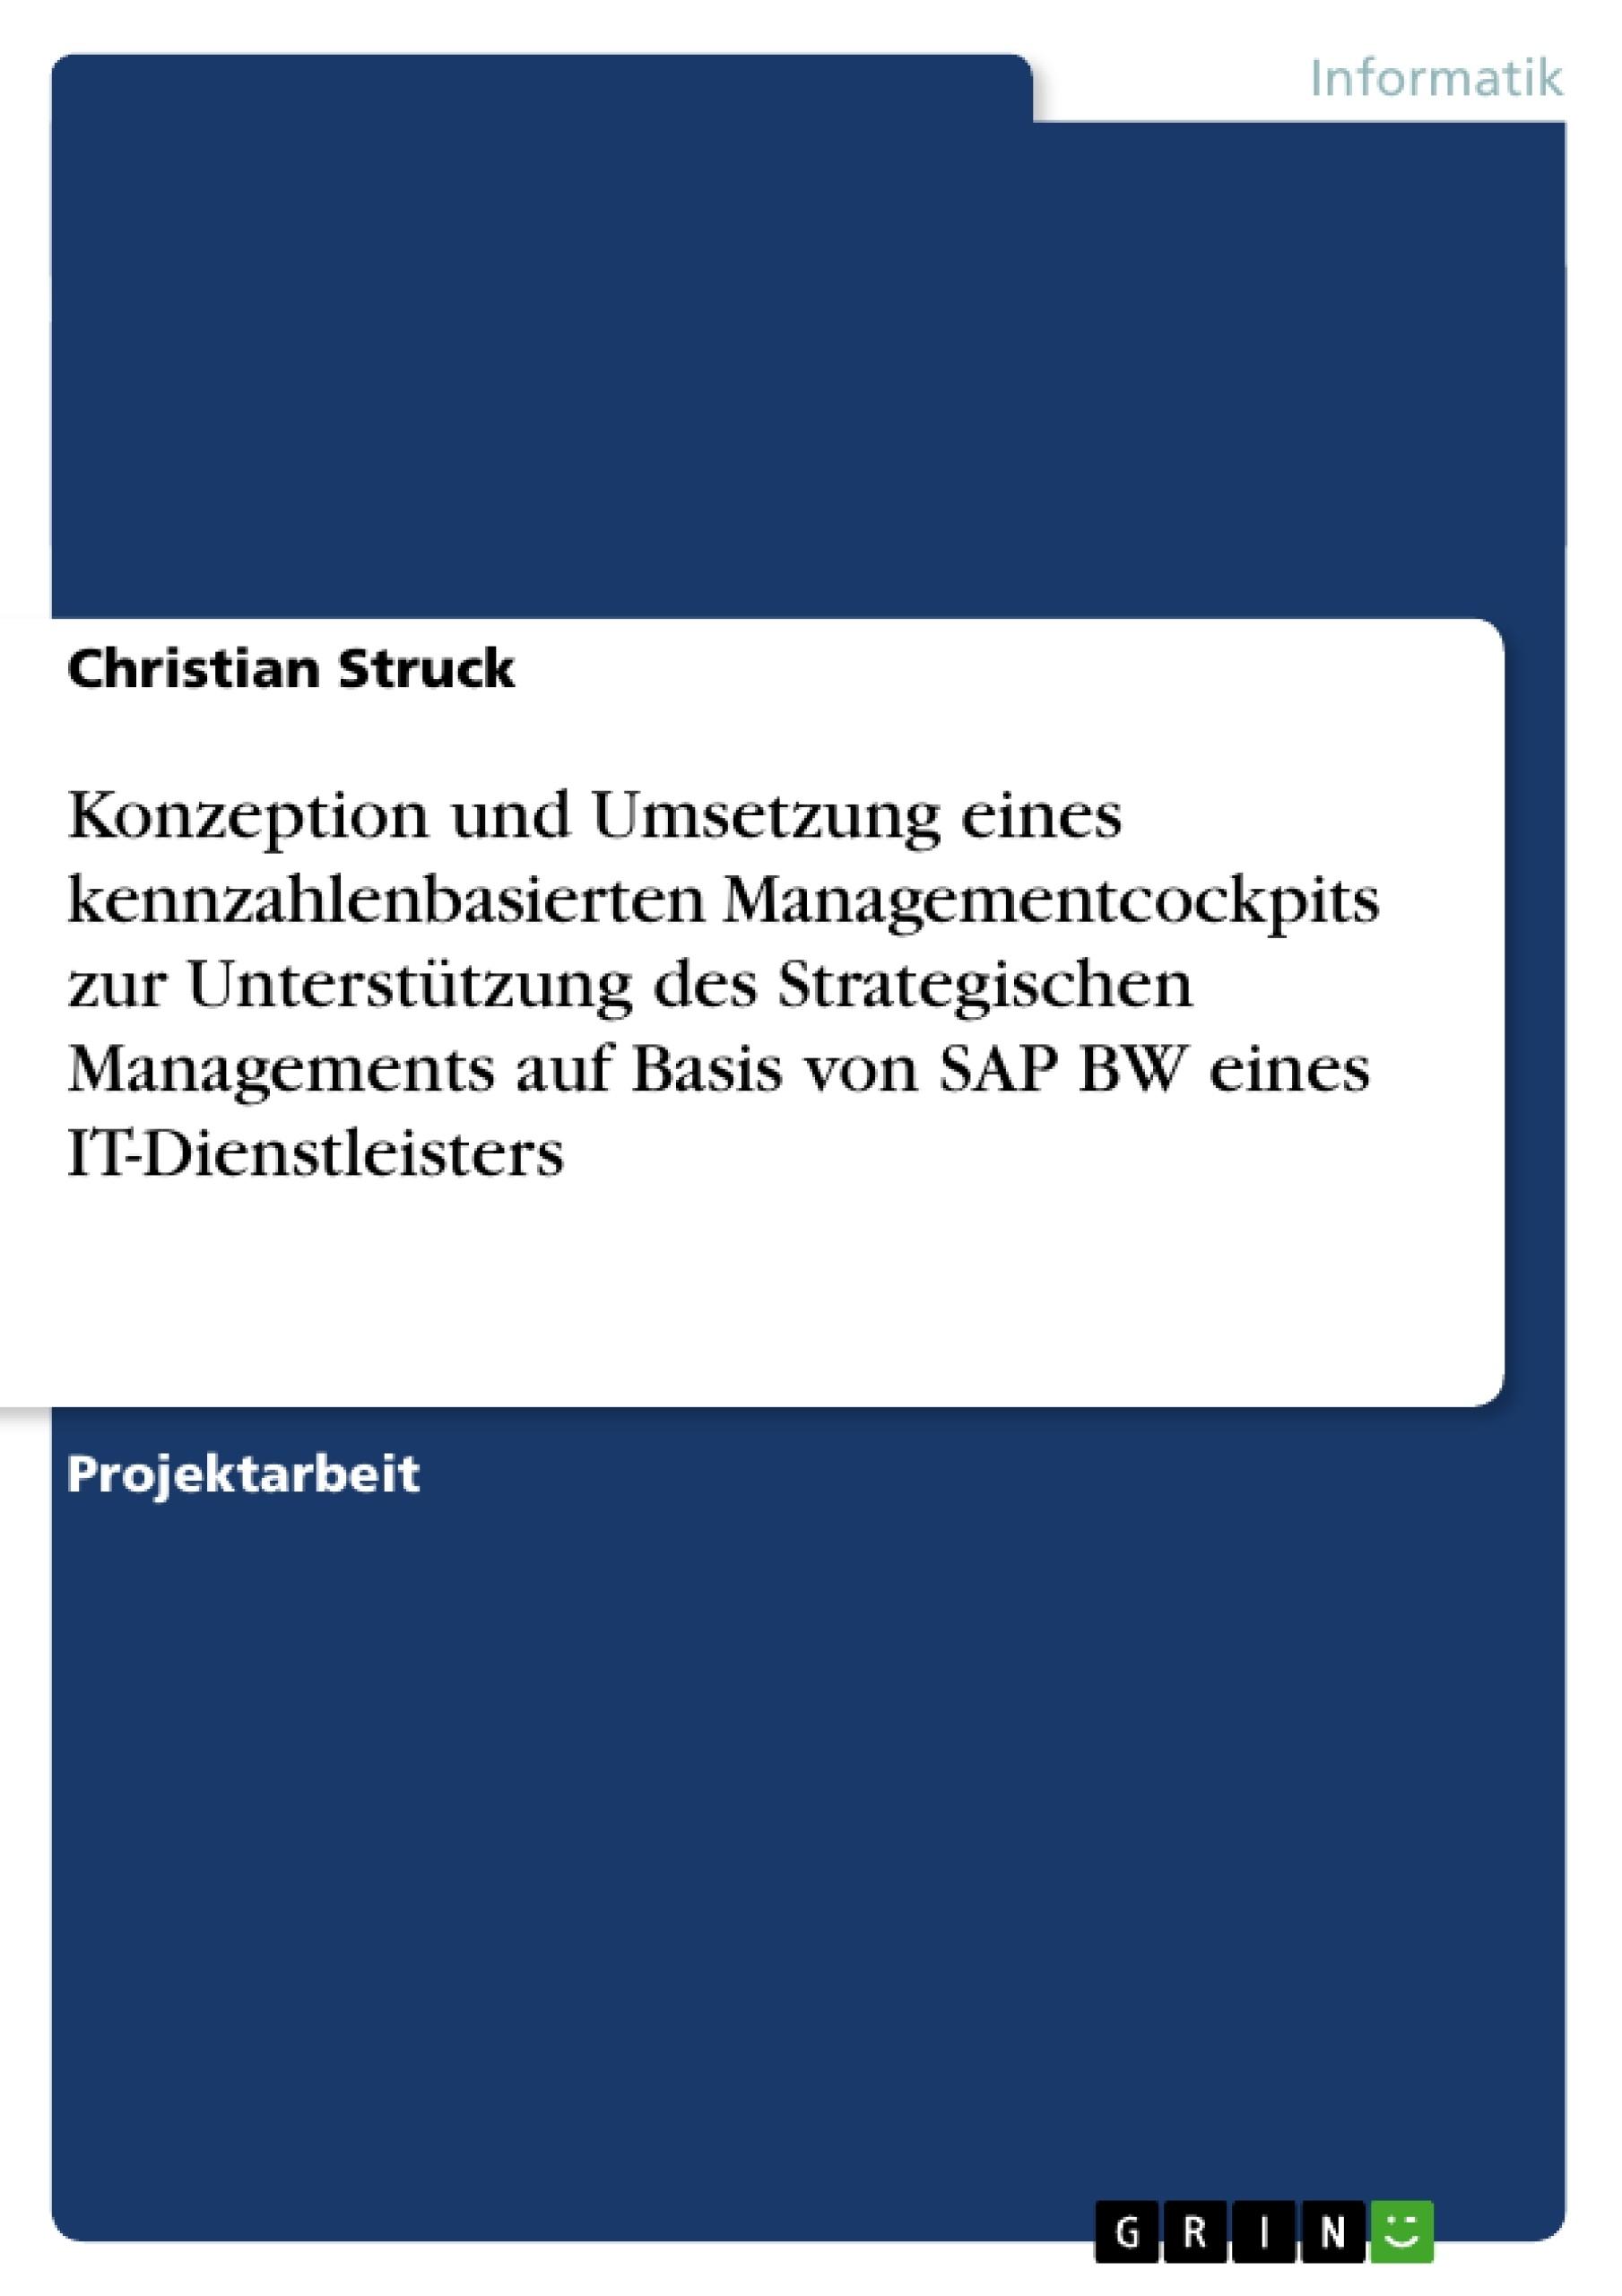 Titel: Konzeption und Umsetzung eines kennzahlenbasierten Managementcockpits zur Unterstützung des Strategischen Managements auf Basis von SAP BW eines IT-Dienstleisters